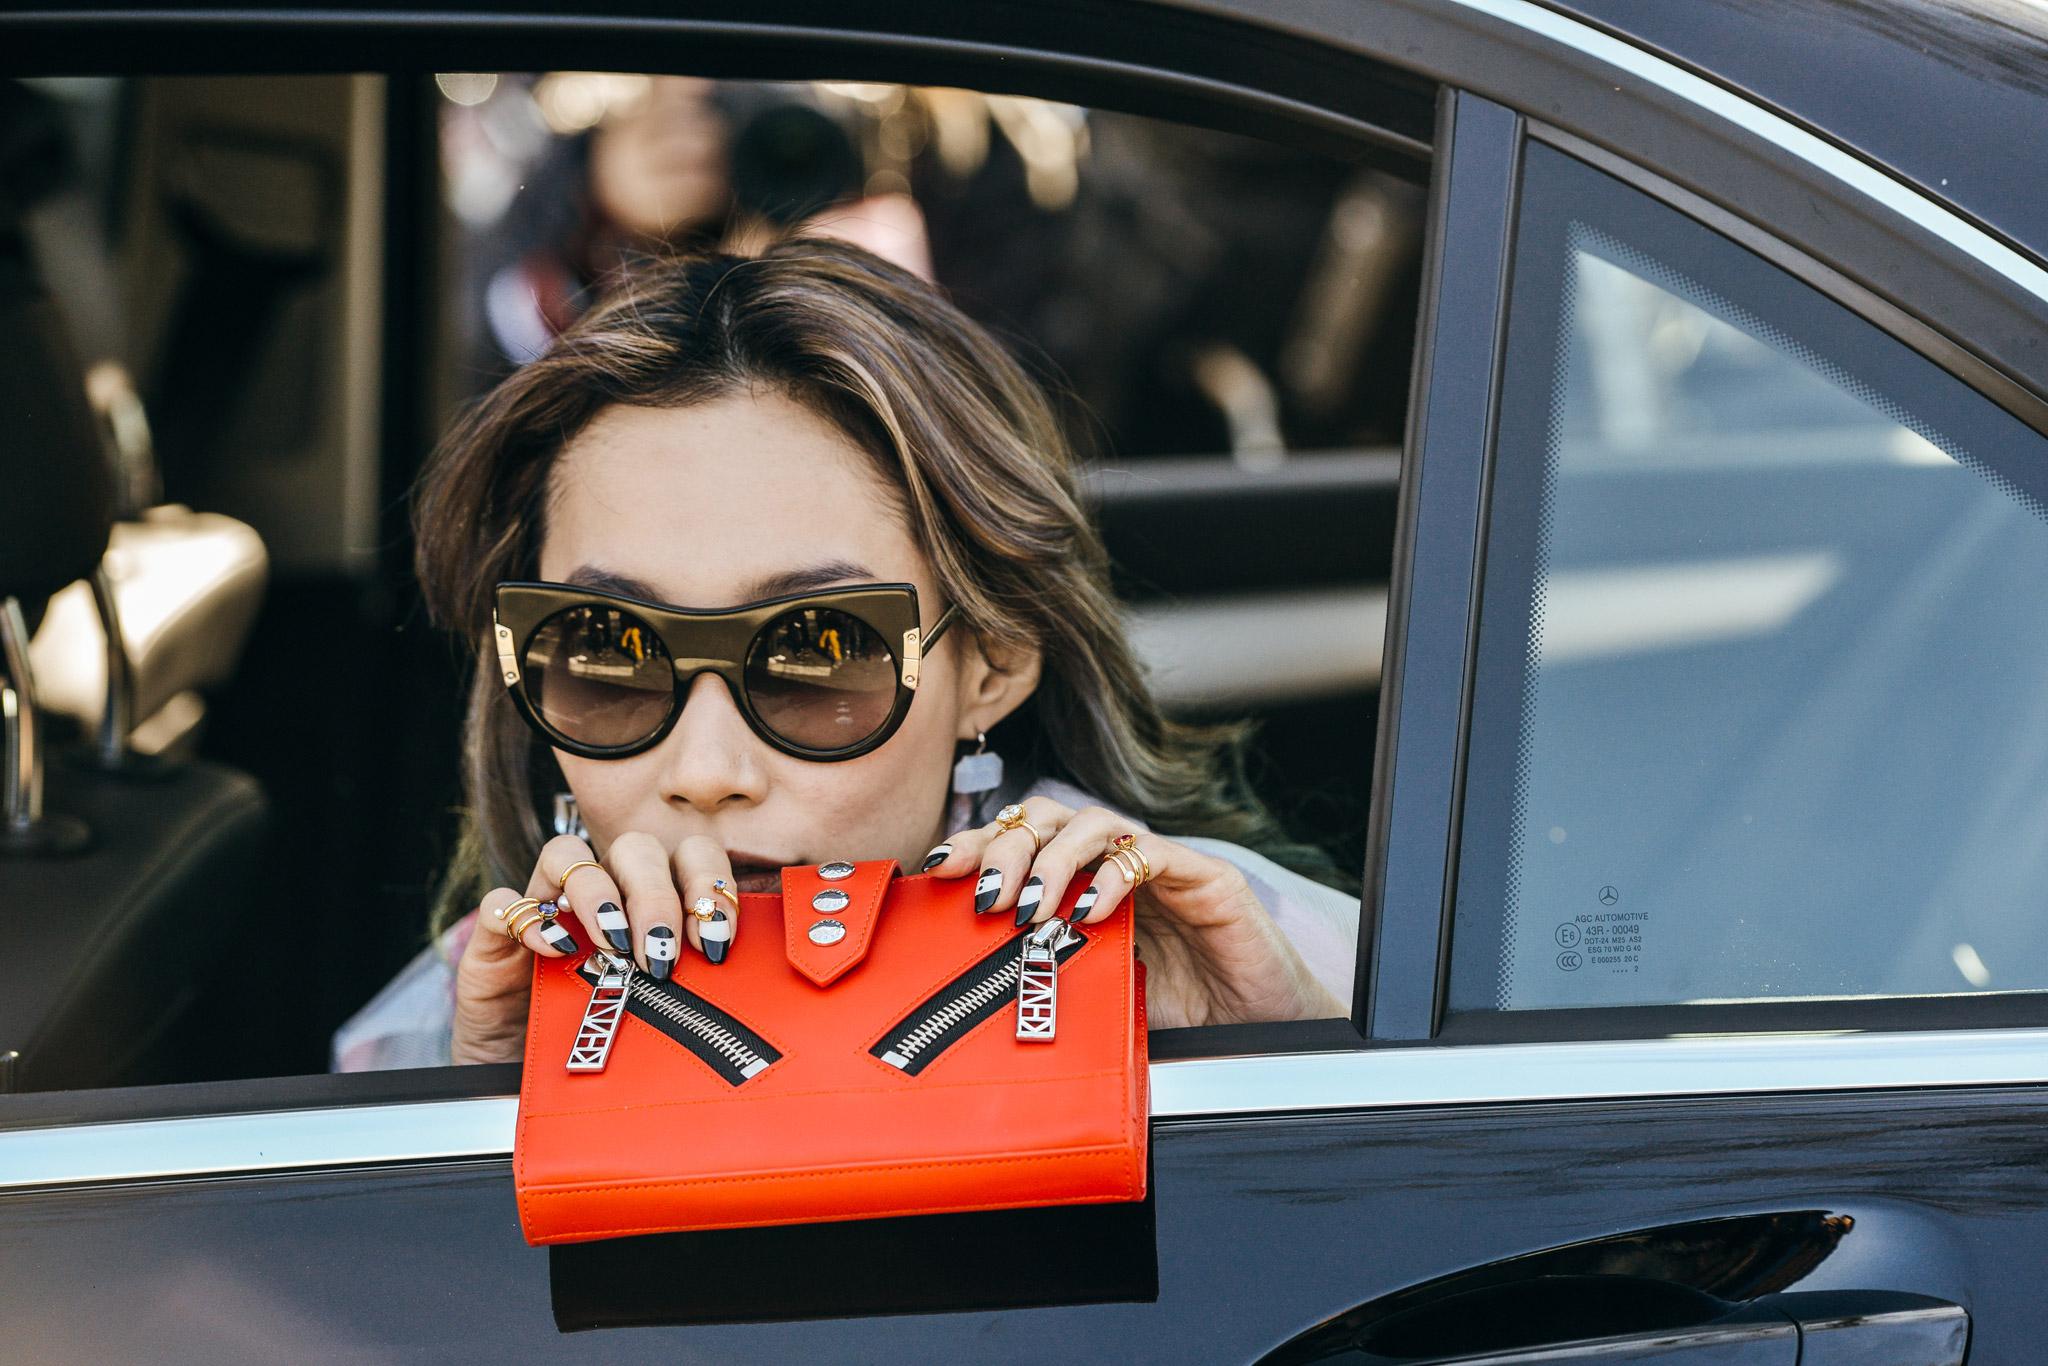 imagem: via style.com